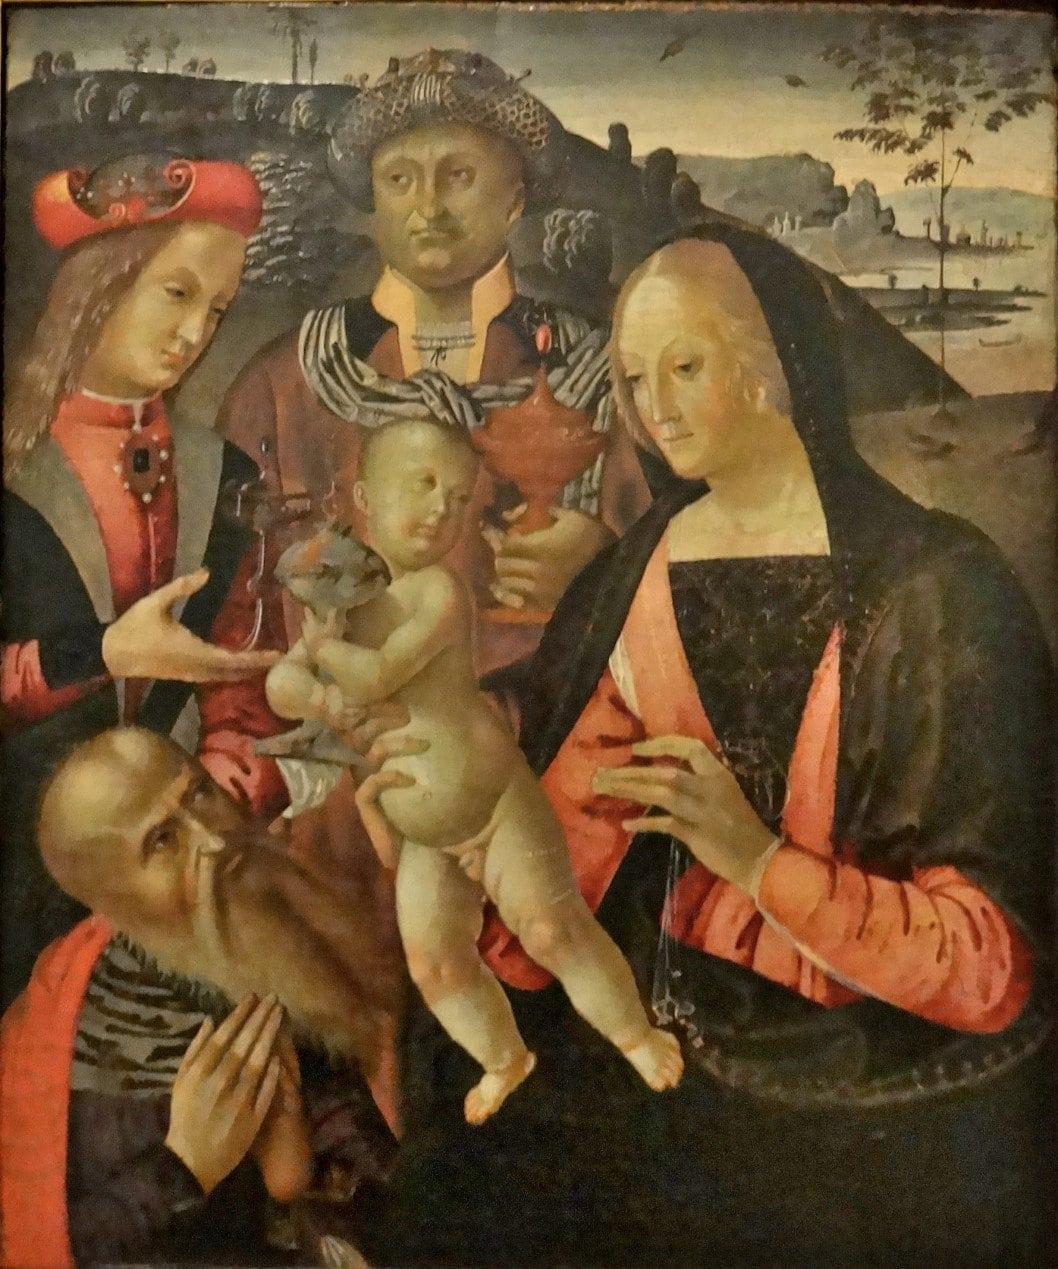 Vatican Art Gallery -Bernardino di Mariotto dello Stagno (c1478-1566) - Adoration of the Magi